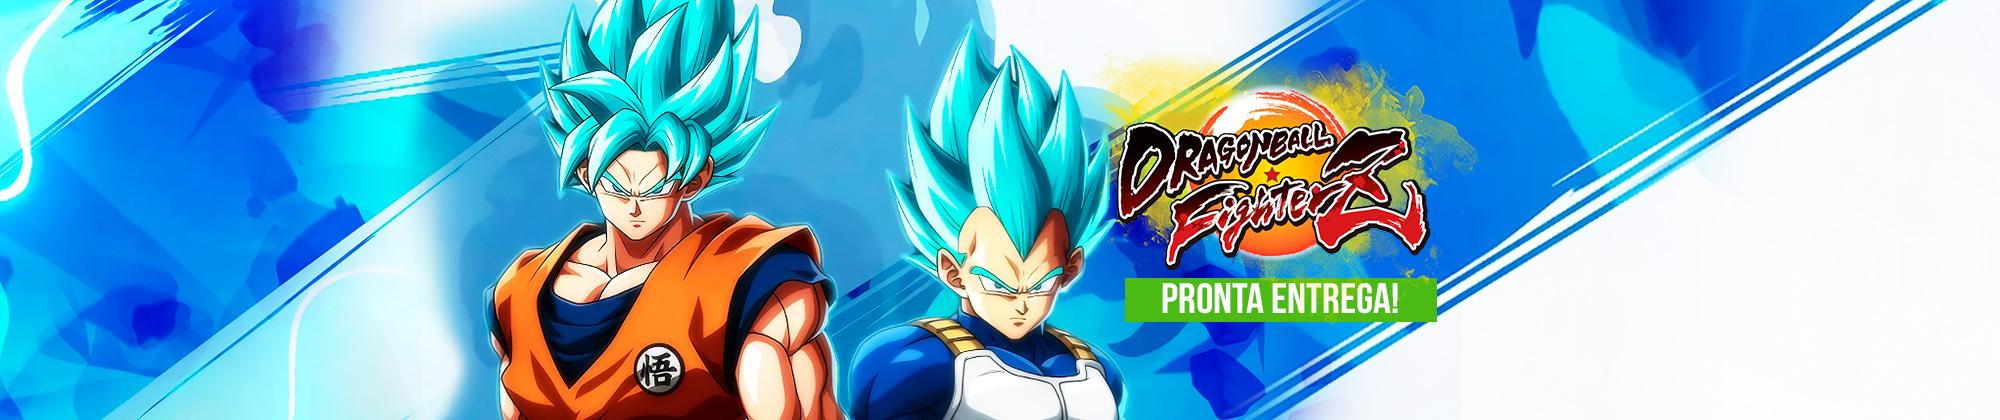 Dragon Ball Fighter PRONTA ENTREGA